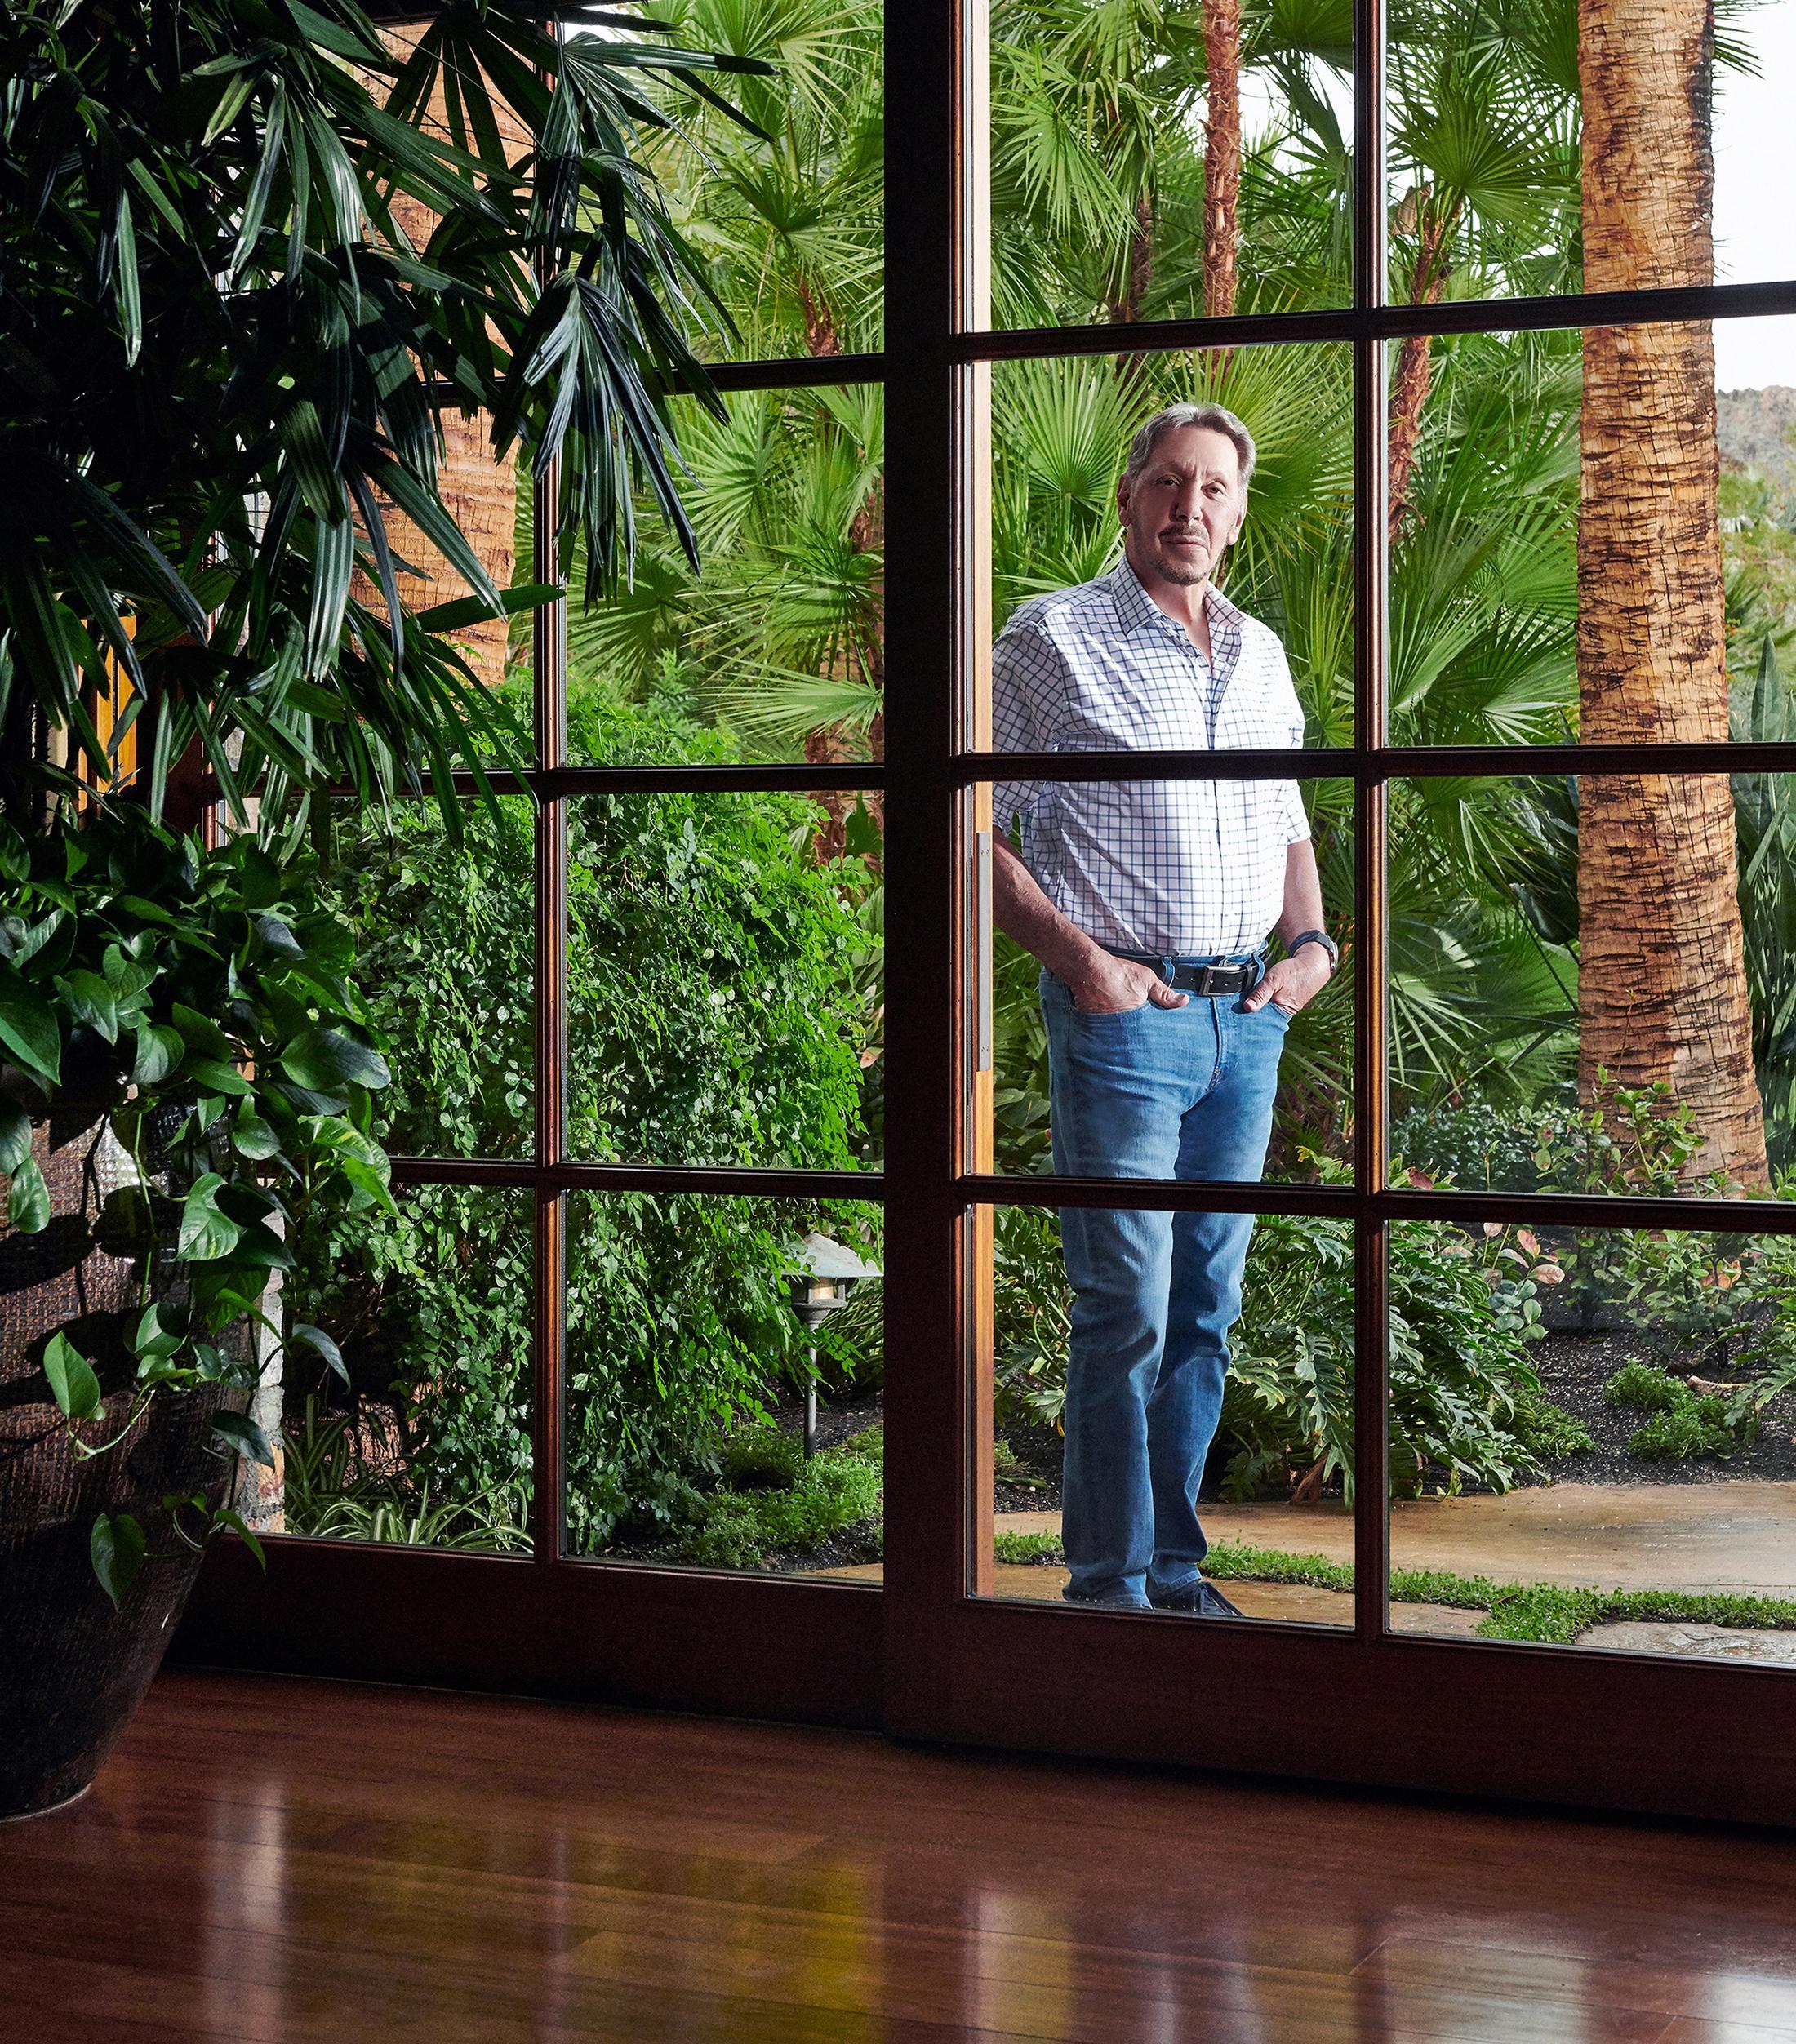 bertie-window-Larry-Ellison-by-Jamel-Toppin-for-Fiorbes-40199_RET_REV